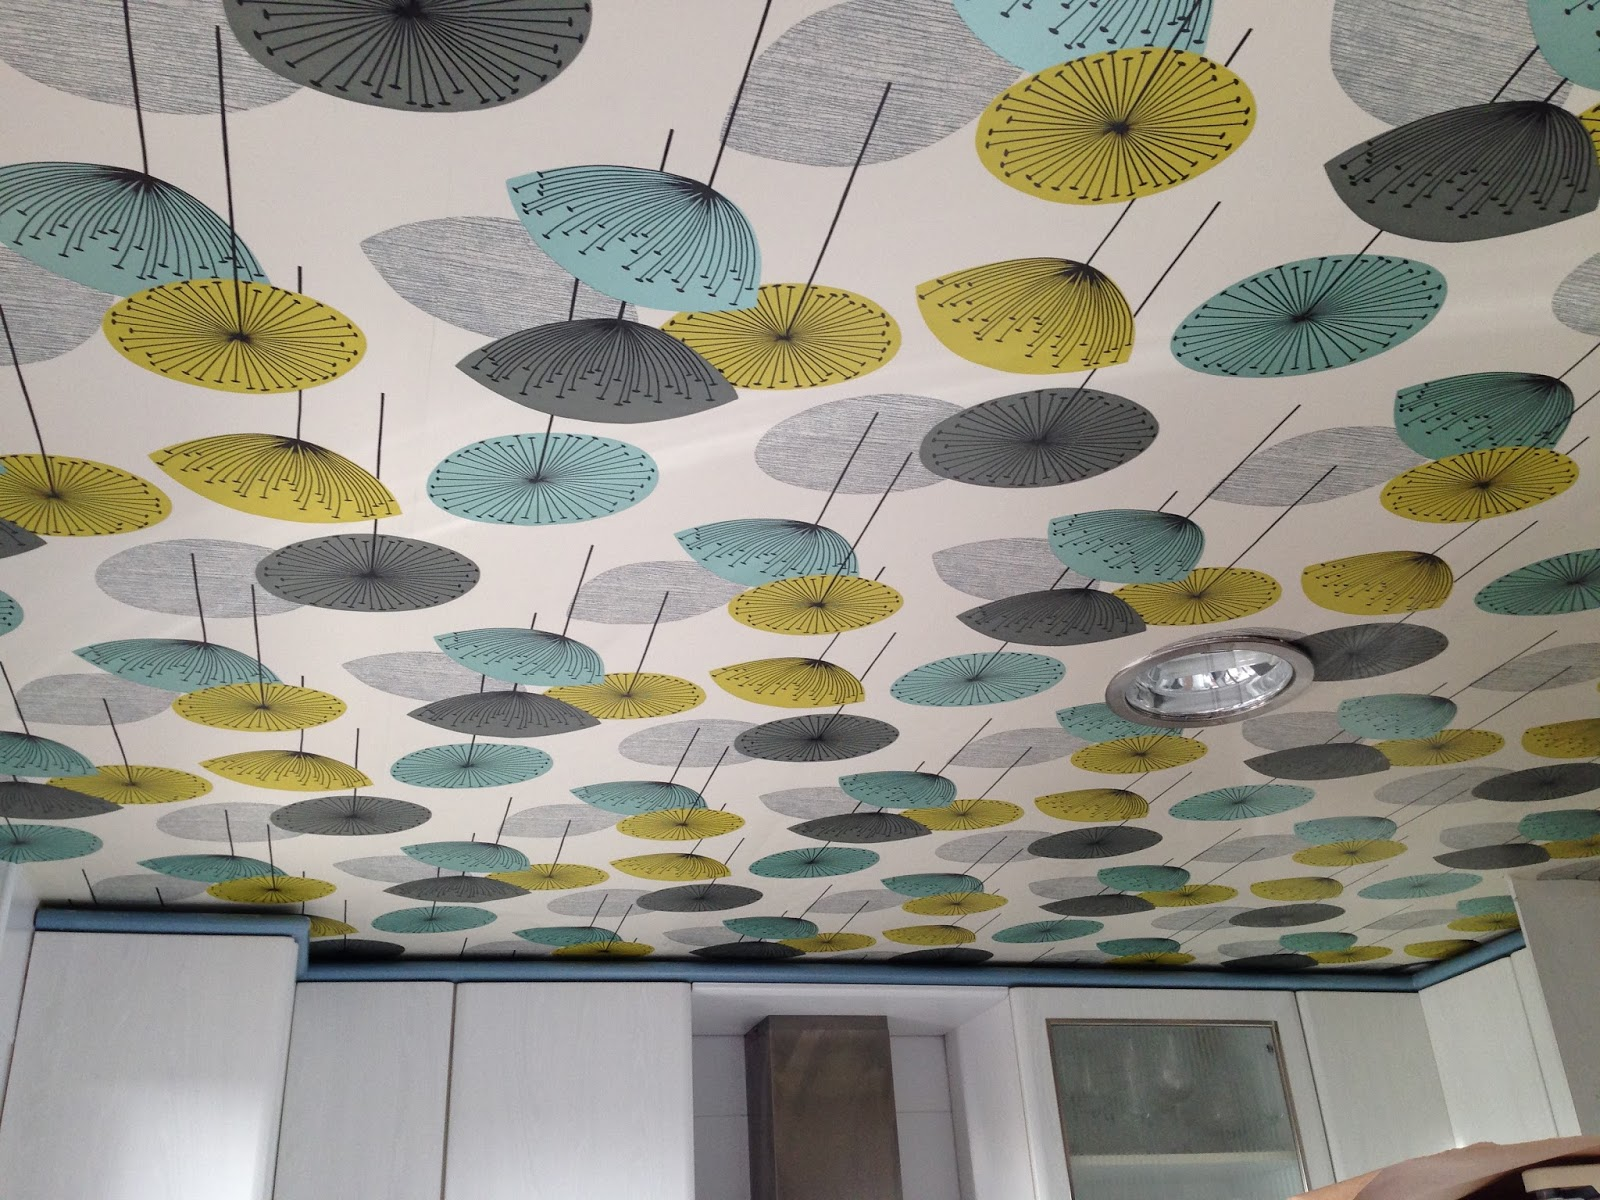 Manuel asenjo cocina papel pintado techo y paredes azulejos - Papel para techos ...